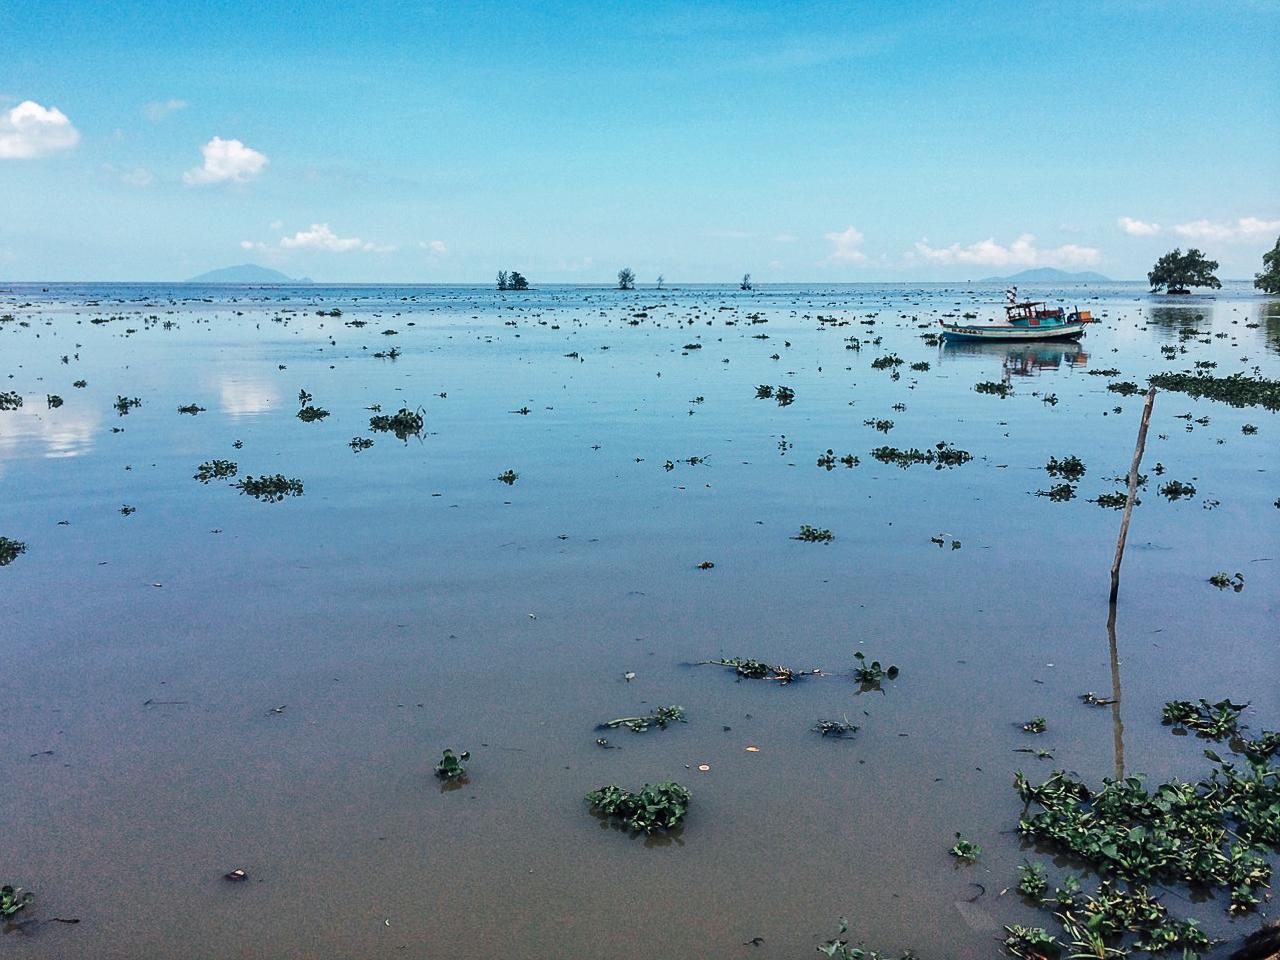 Путешествие по Вьетнаму, Фукуок: В порту Ратьзя